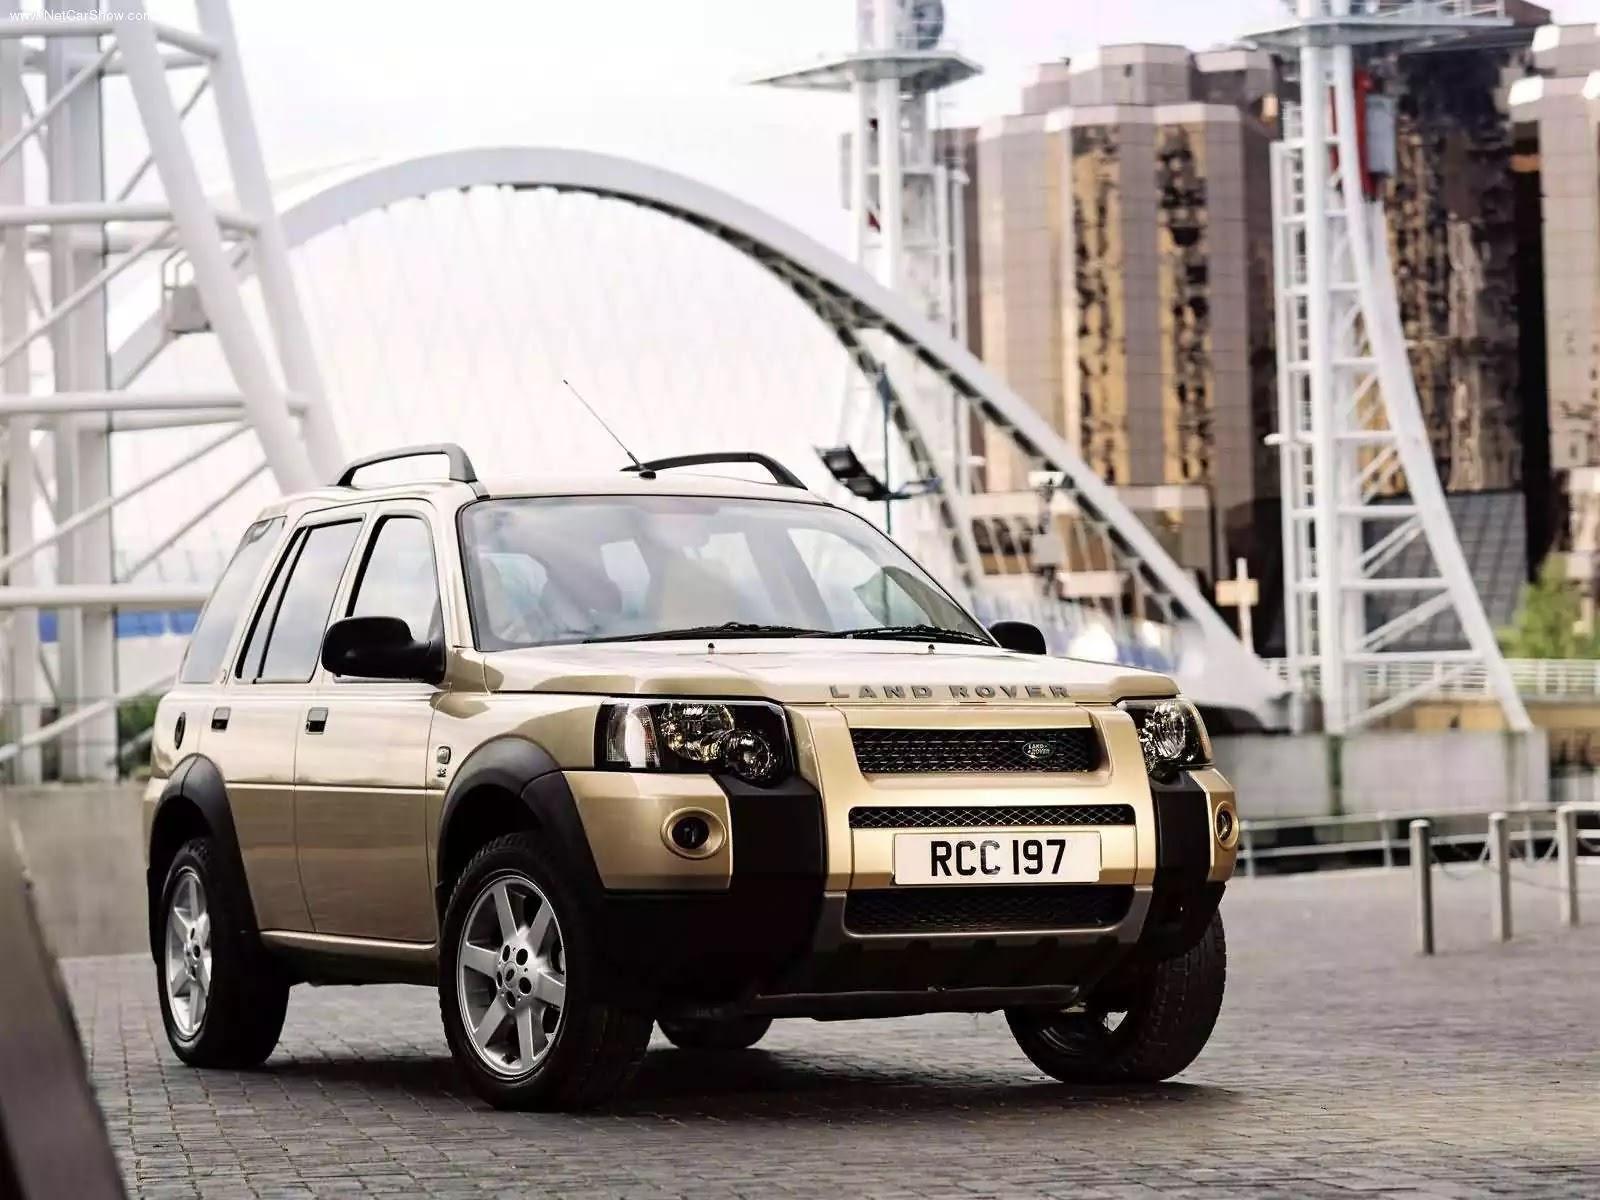 Hình ảnh xe ô tô Land Rover Freelander Td4 5door 2004 & nội ngoại thất